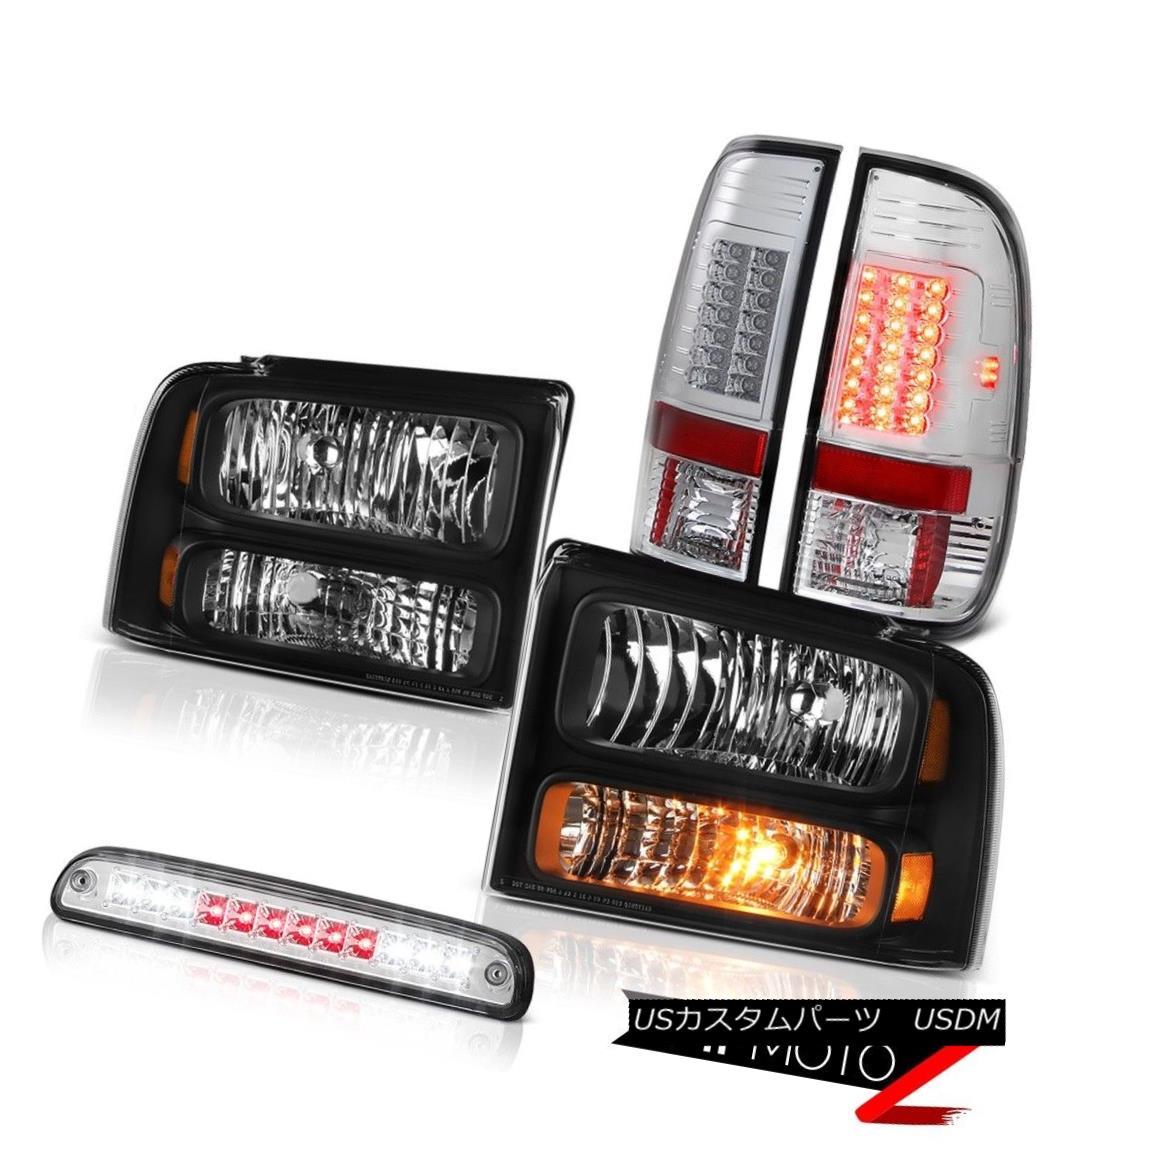 ヘッドライト 2005 2006 2007 F250 Turbo Diesel Clear/Black Headlight LED Taillamps Roof Brake 2005 2006 2007 F250ターボディーゼルクリア/ブラックヘッドライトLEDタイルランプルーフブレーキ